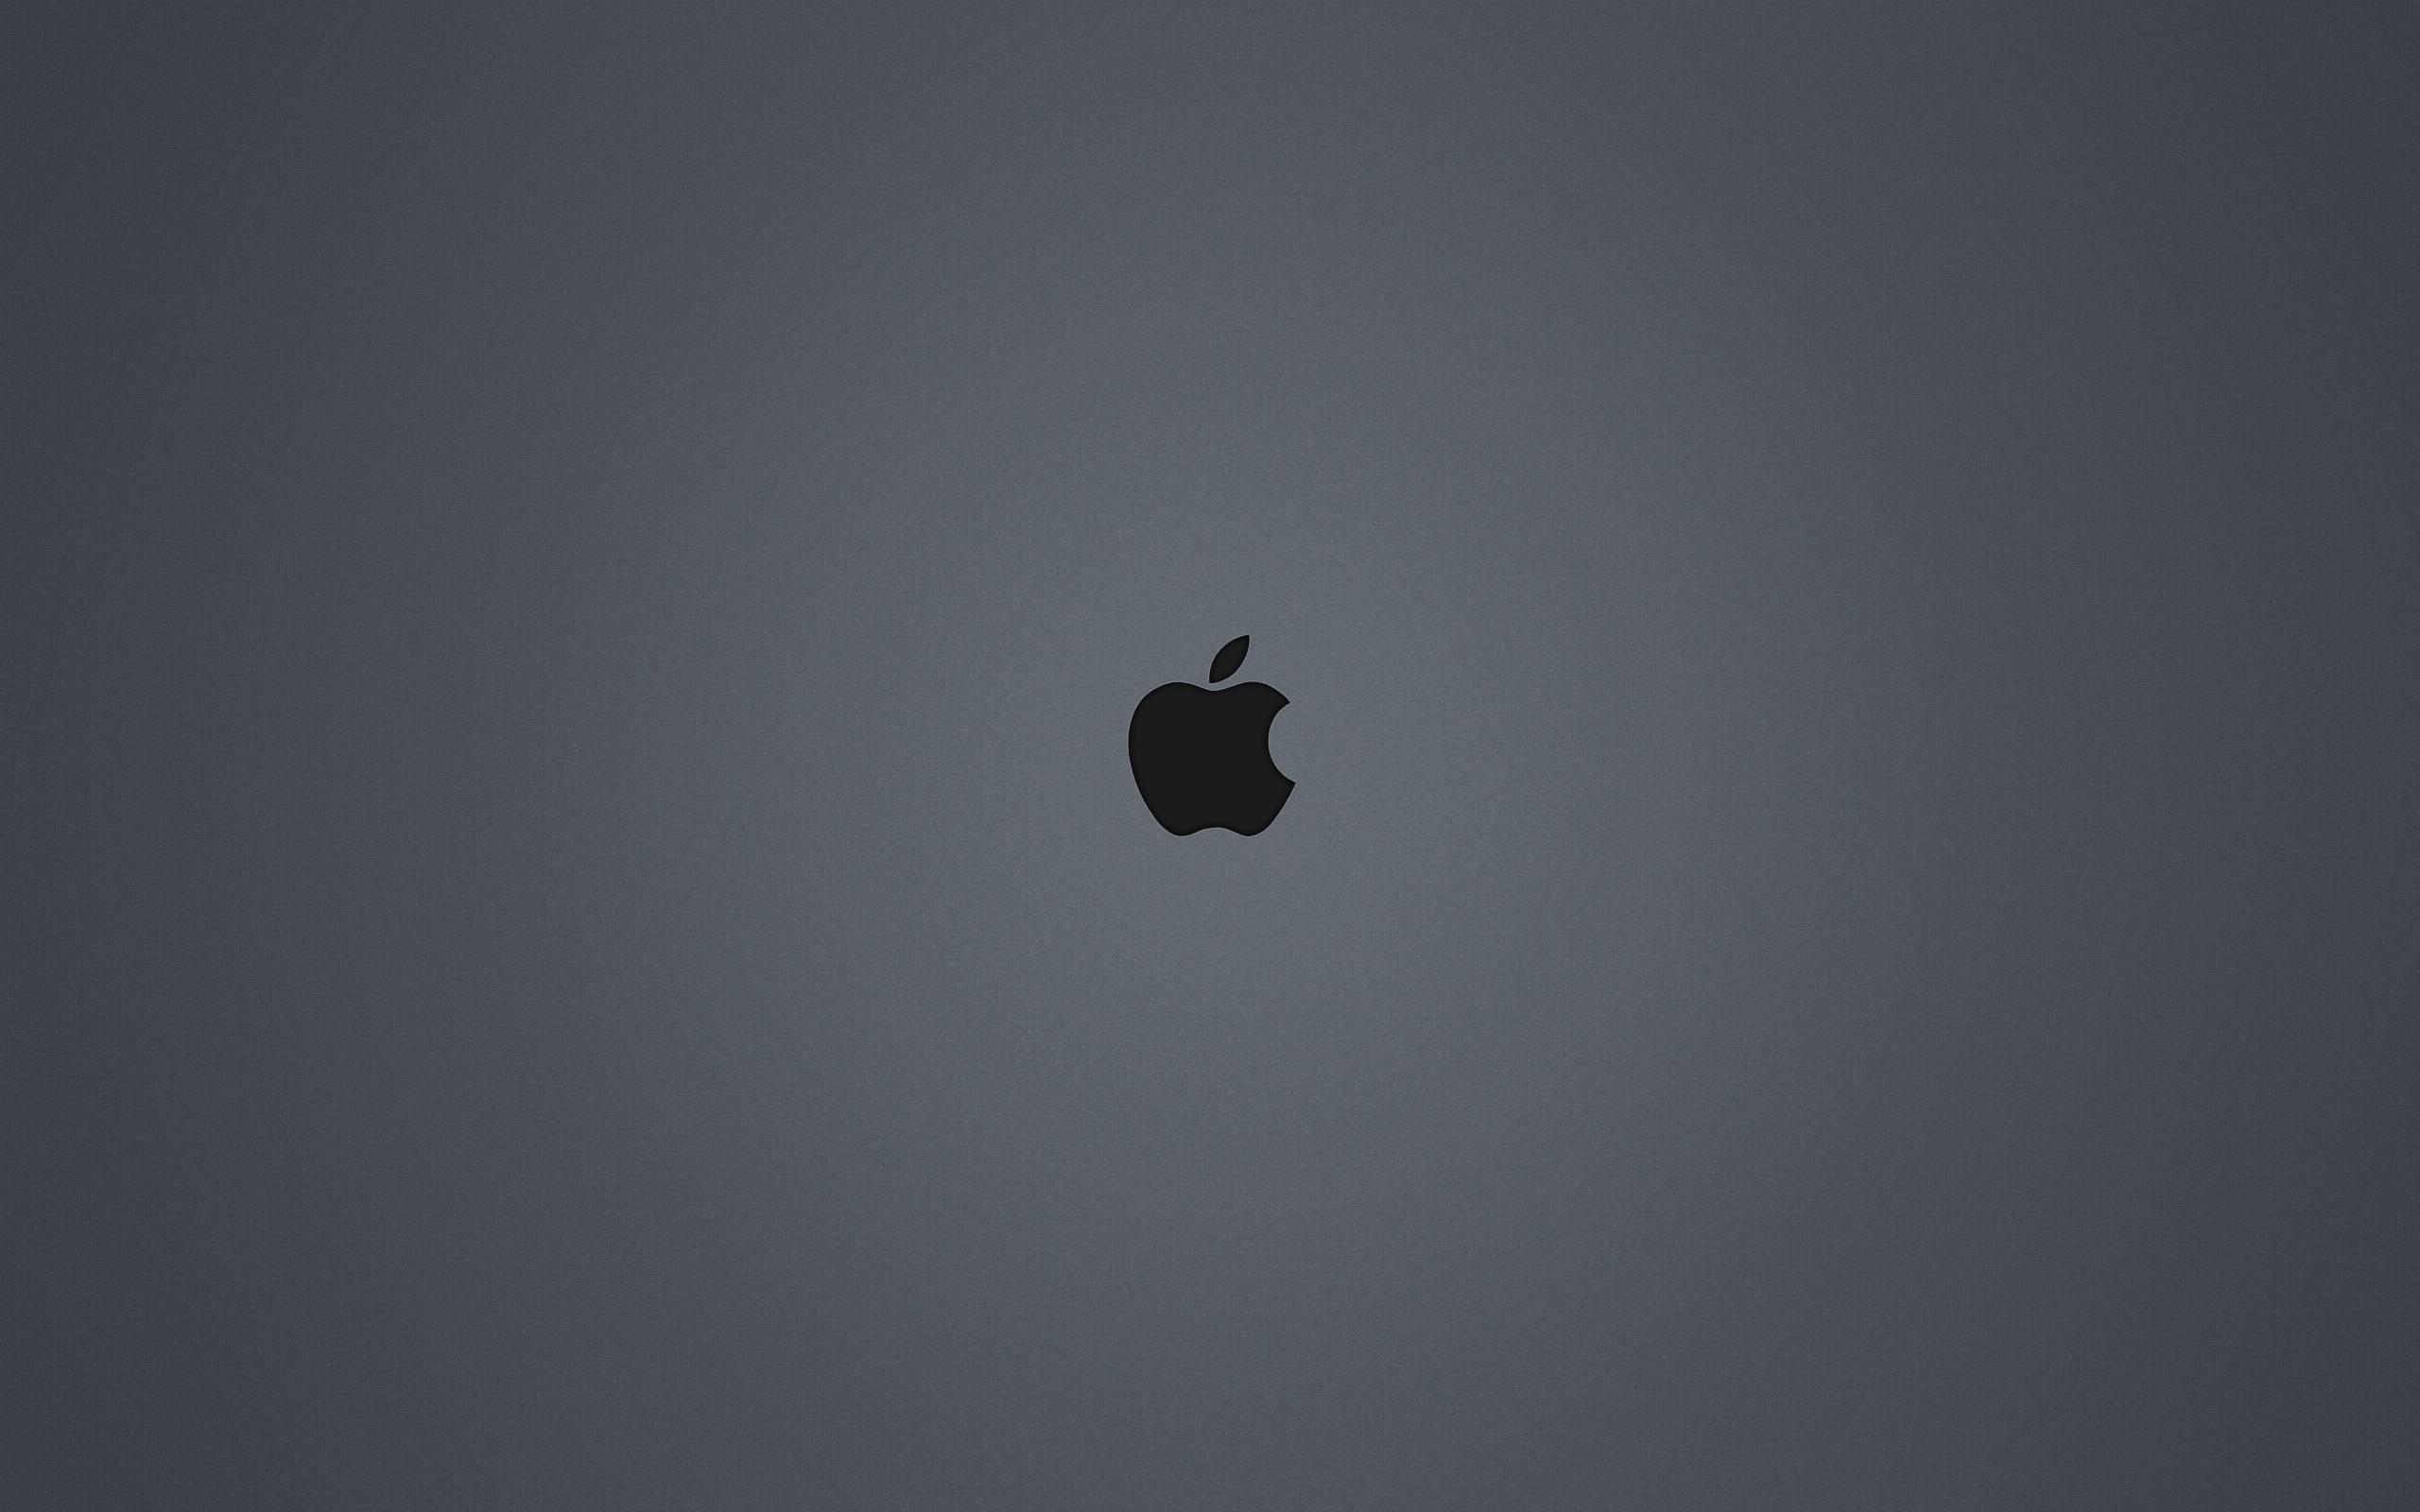 Best Macbook Pro Wallpapers 68 Images